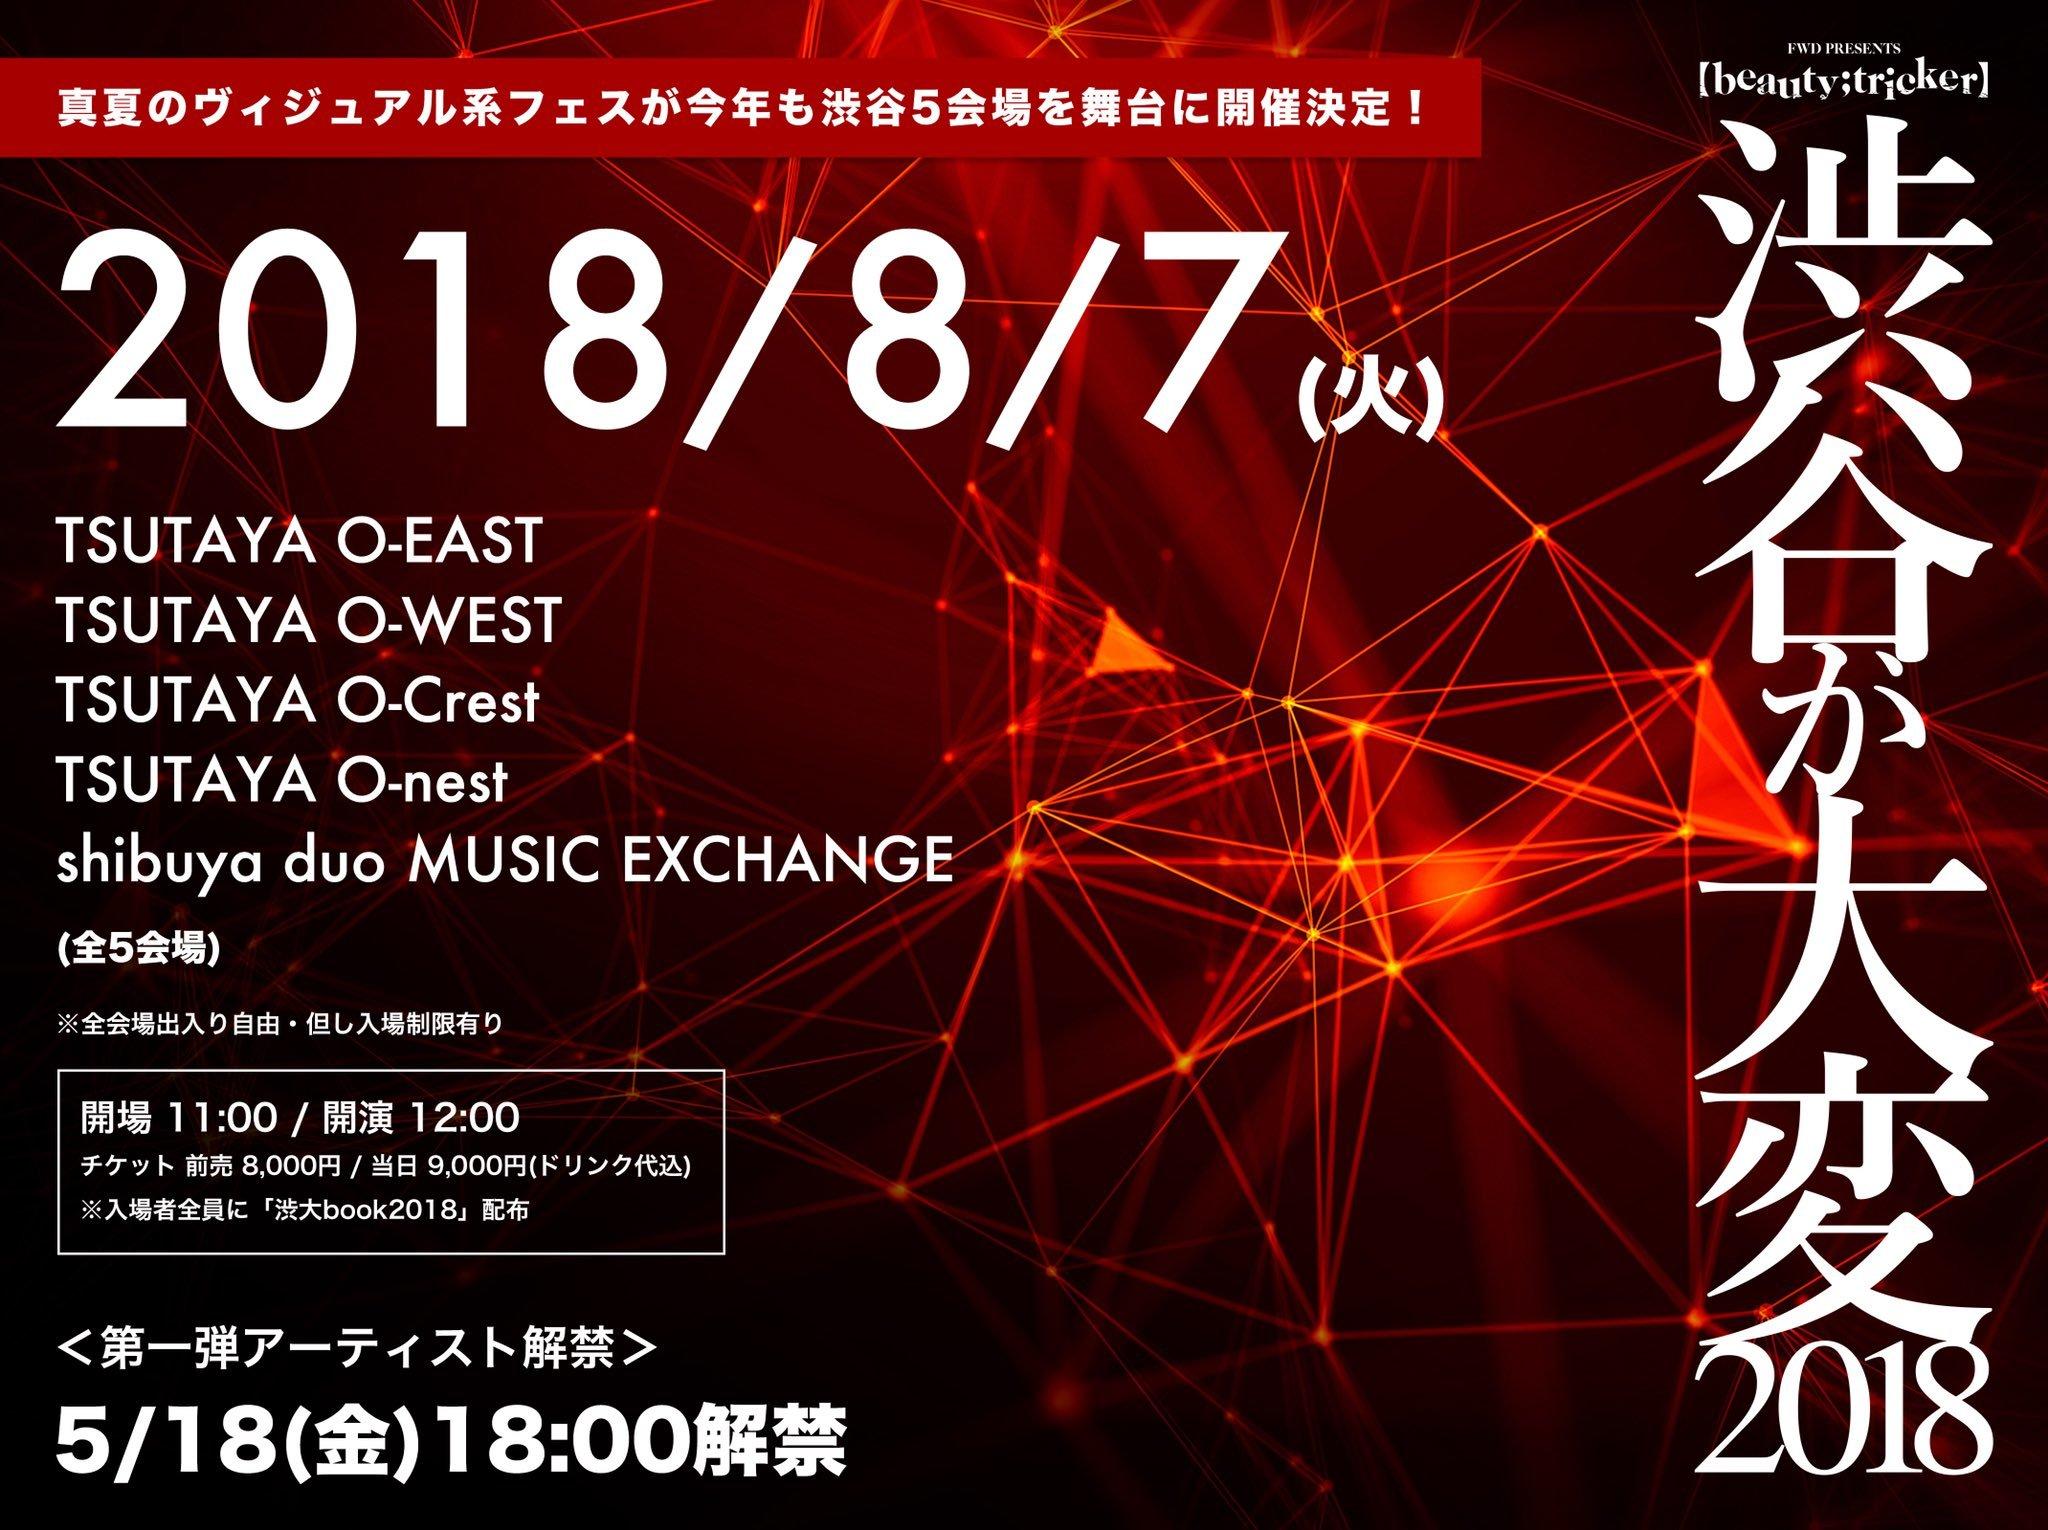 『渋谷が大変2018』